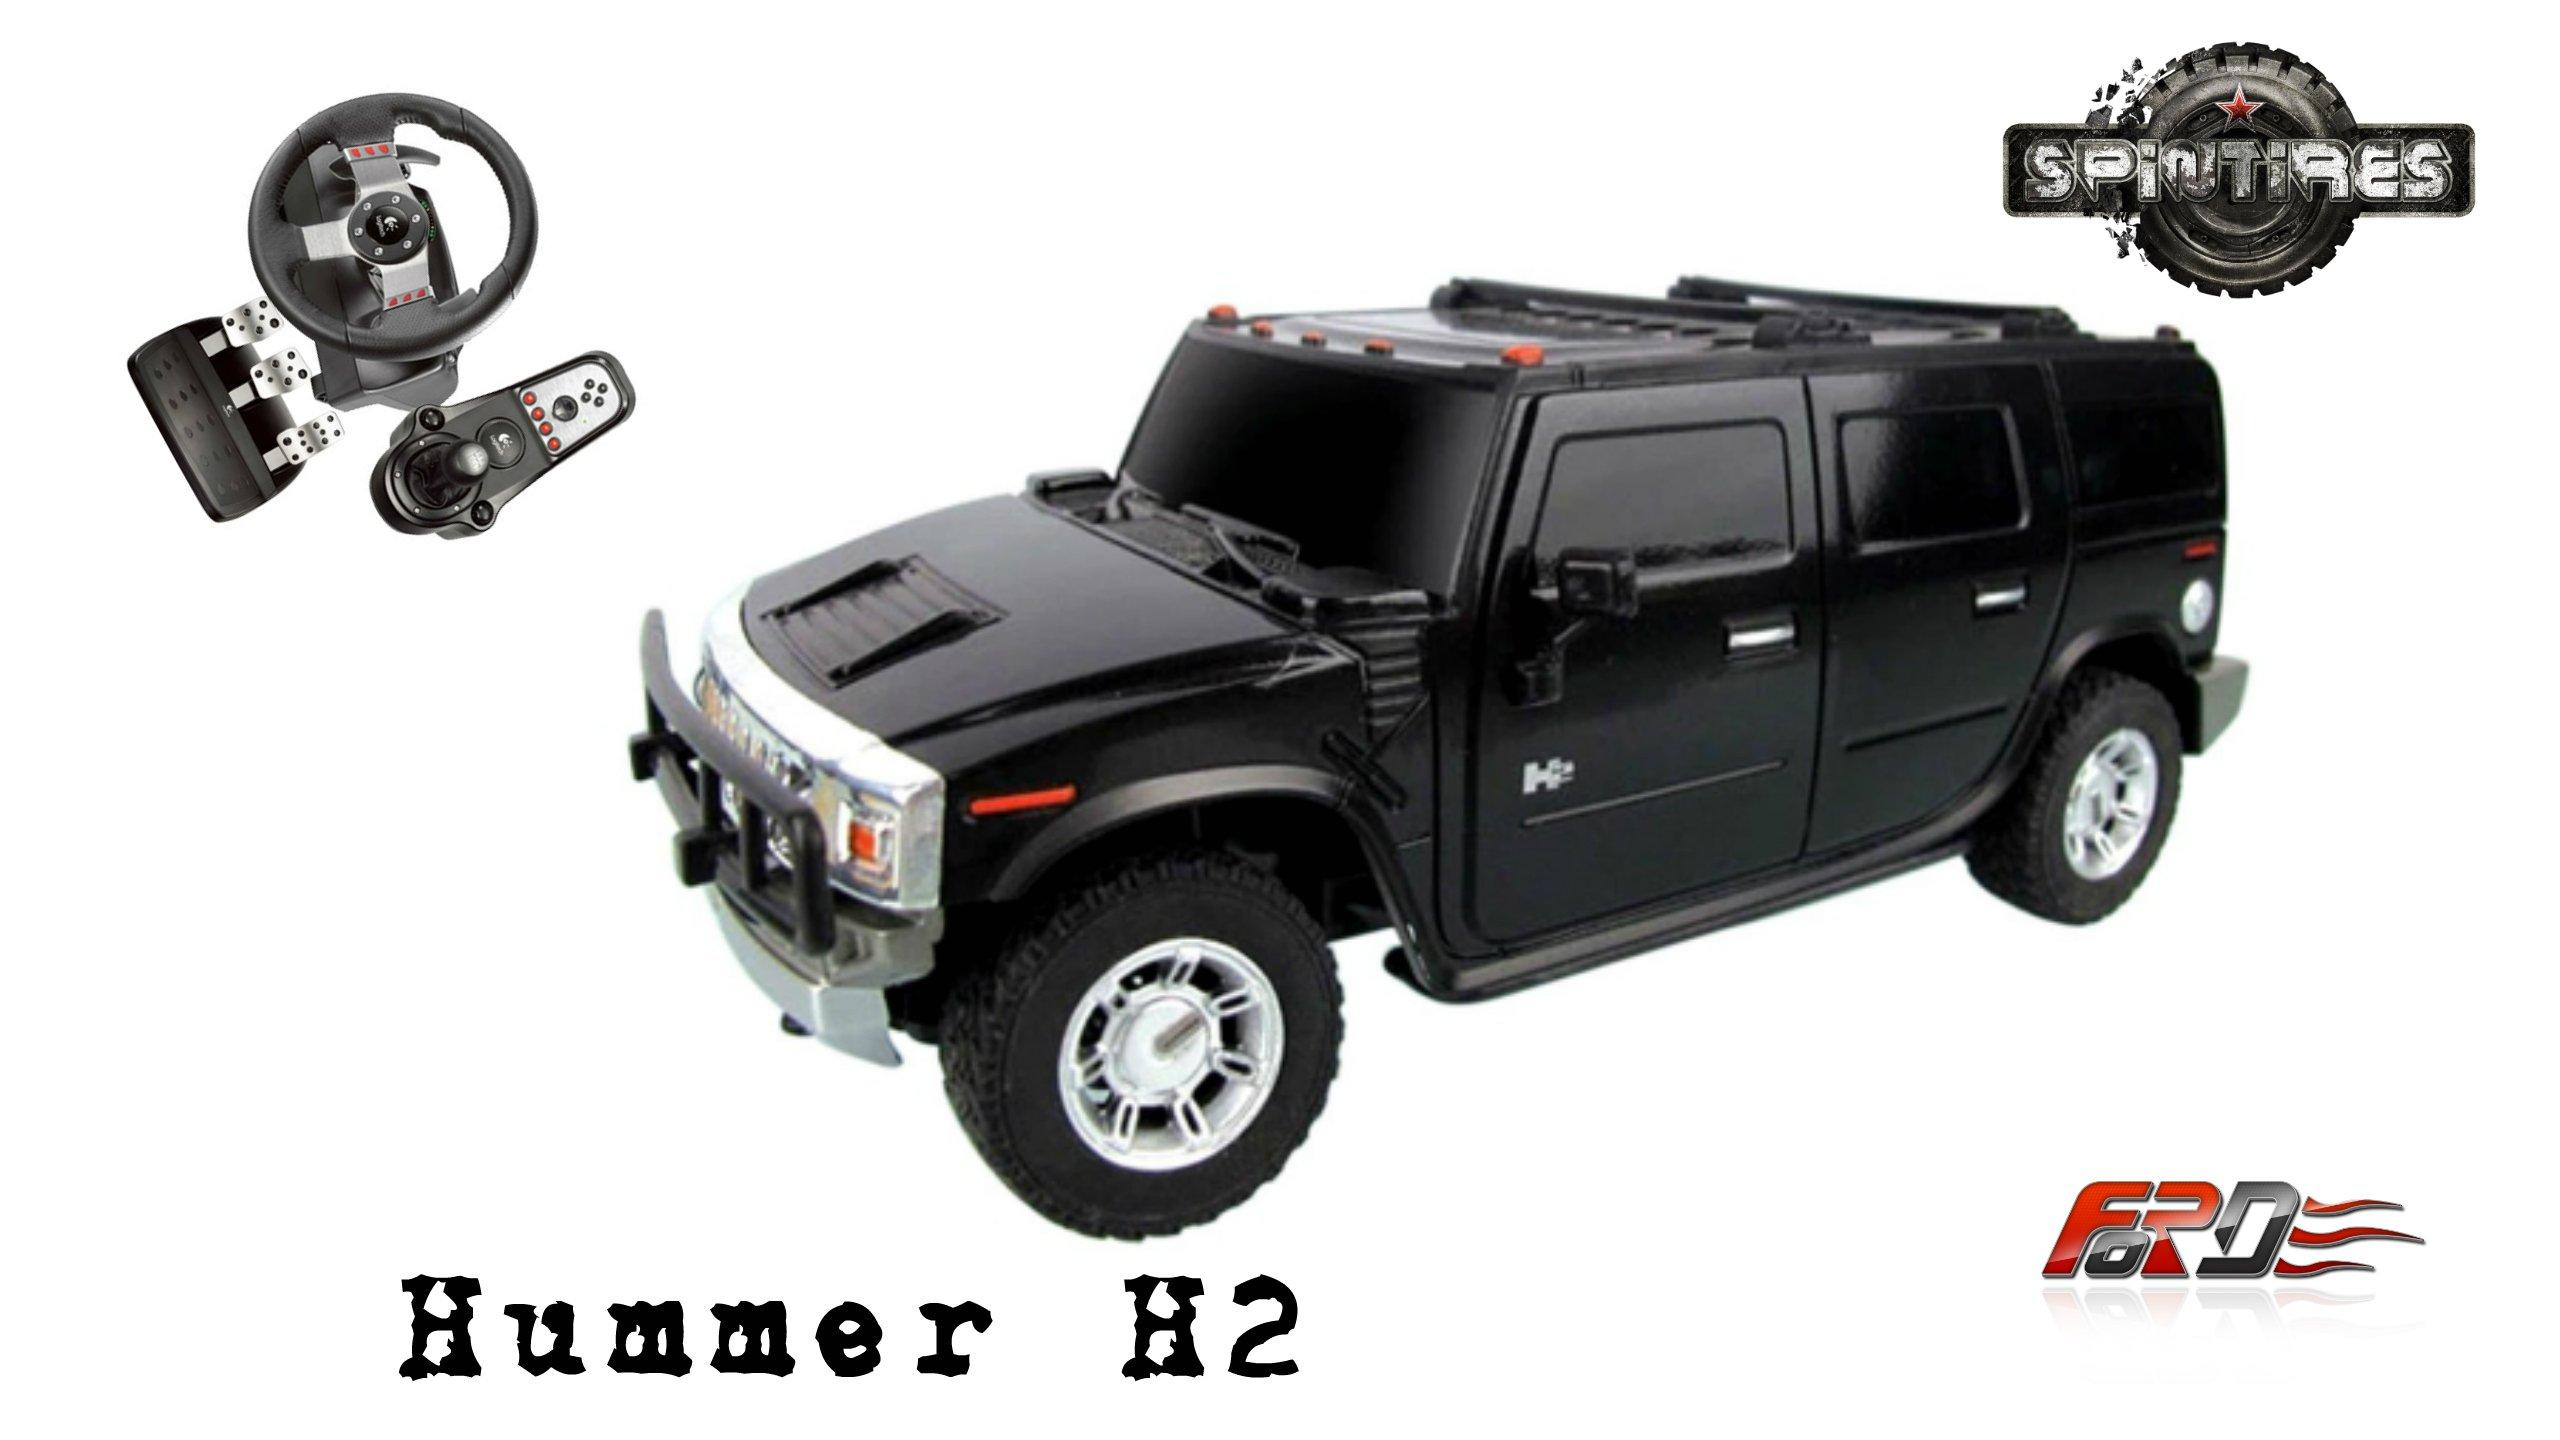 [ Hummer H2 ] тест-драйв, обзор, OFF ROAD американского внедорожника в SpinTires 2016 - Изображение 1